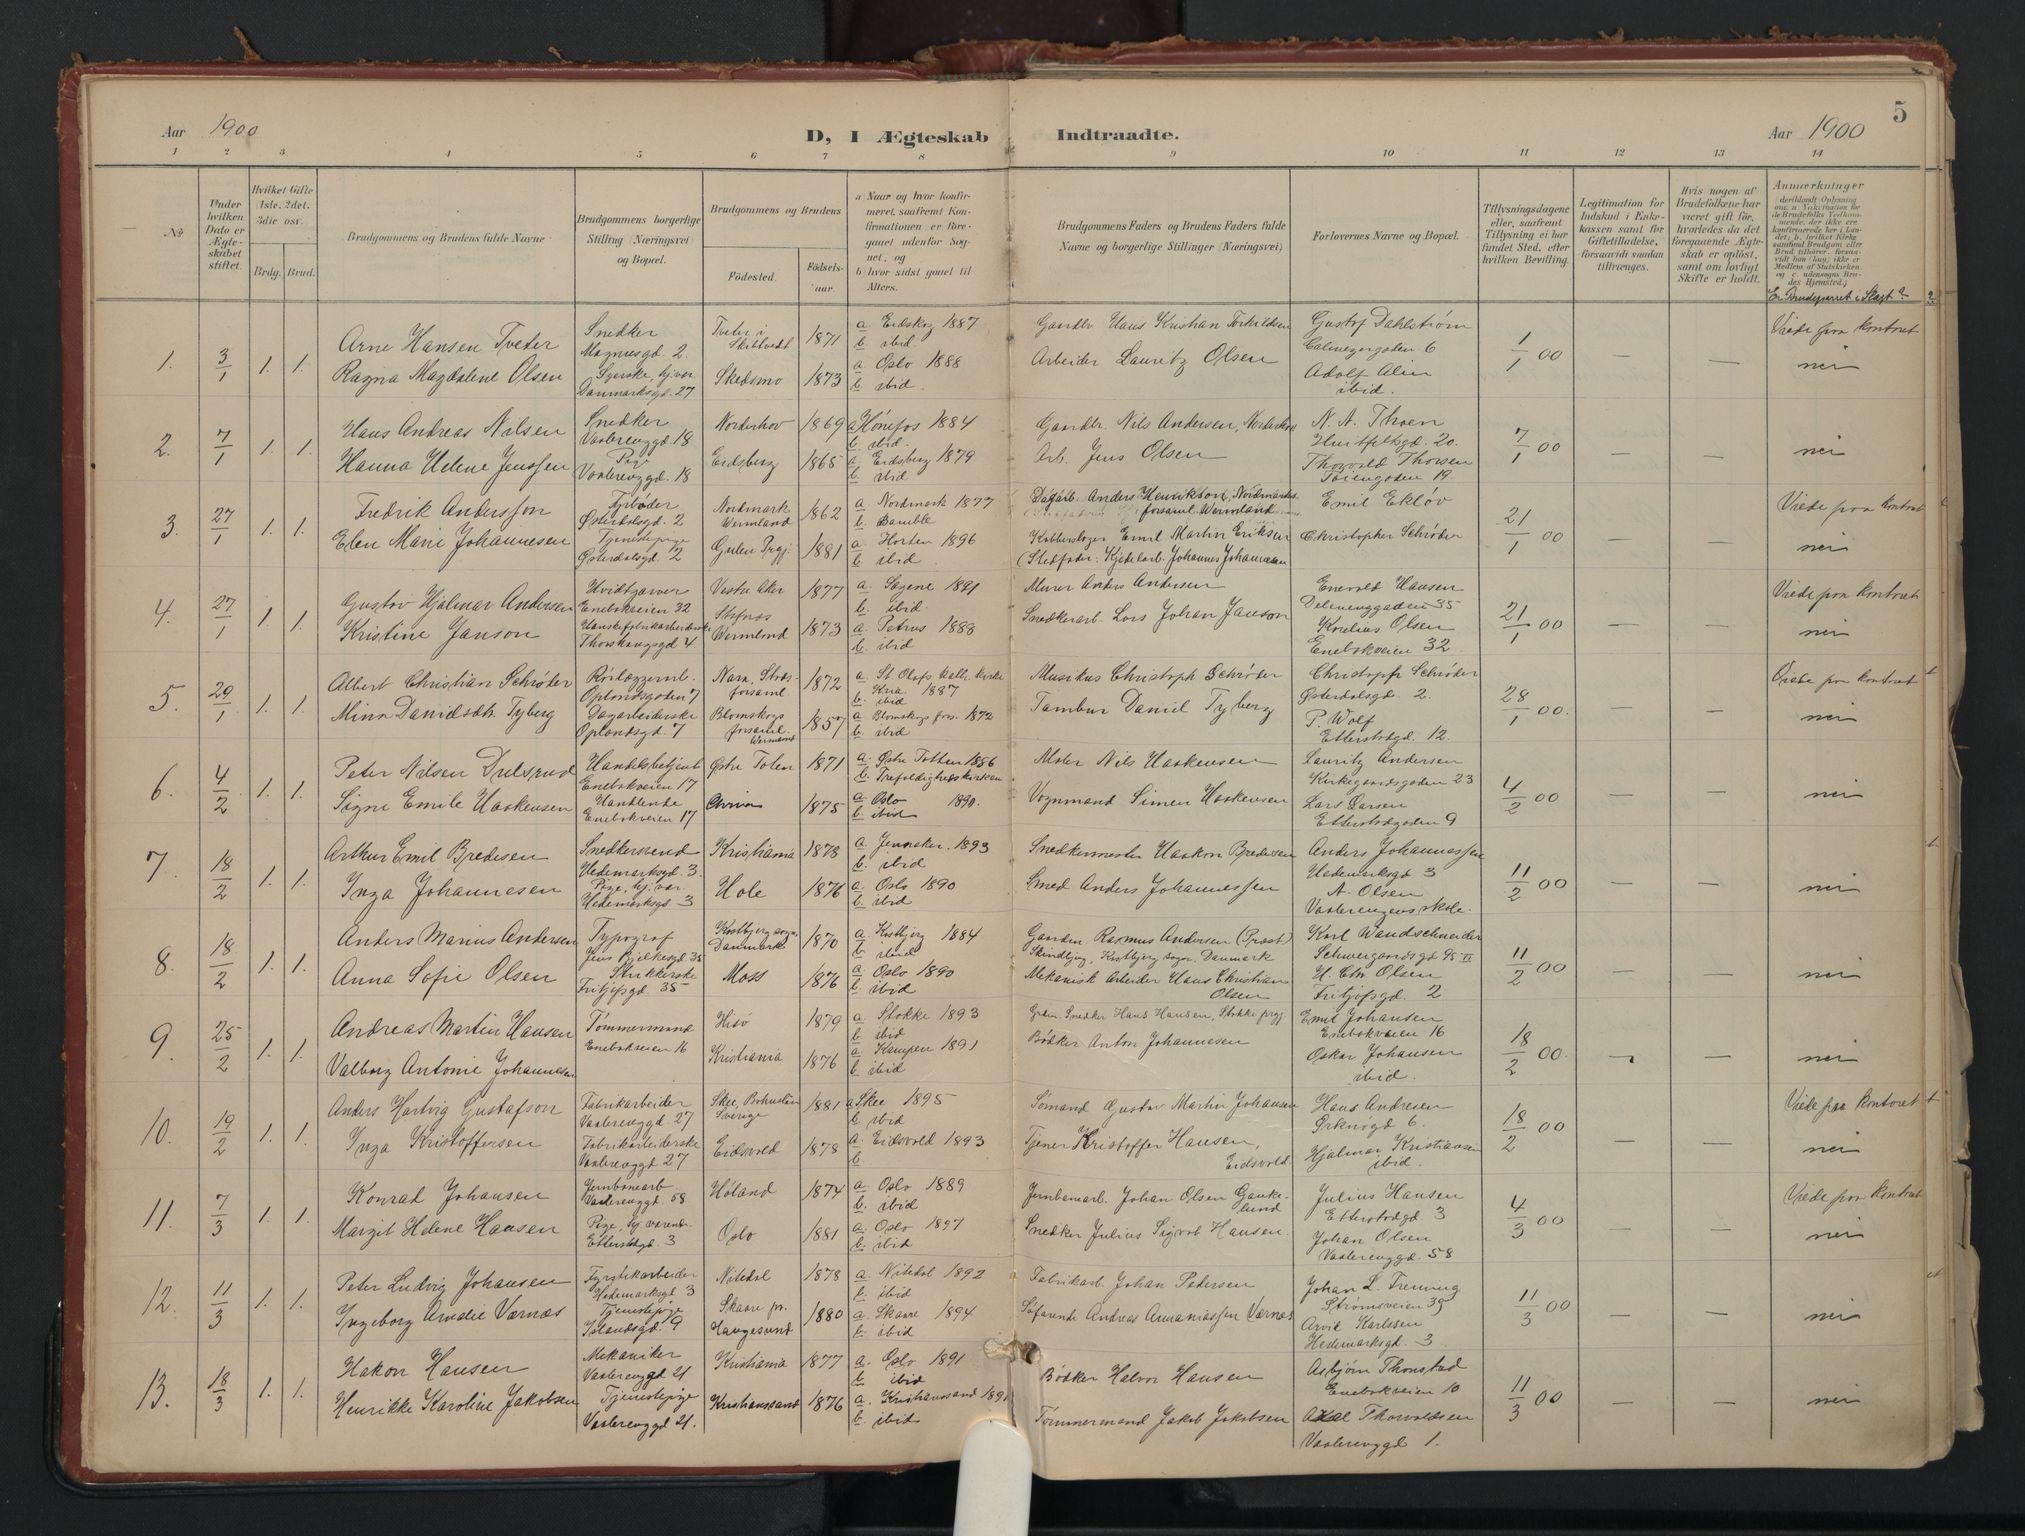 SAO, Vålerengen prestekontor Kirkebøker, F/Fa/L0002: Ministerialbok nr. 2, 1899-1924, s. 5